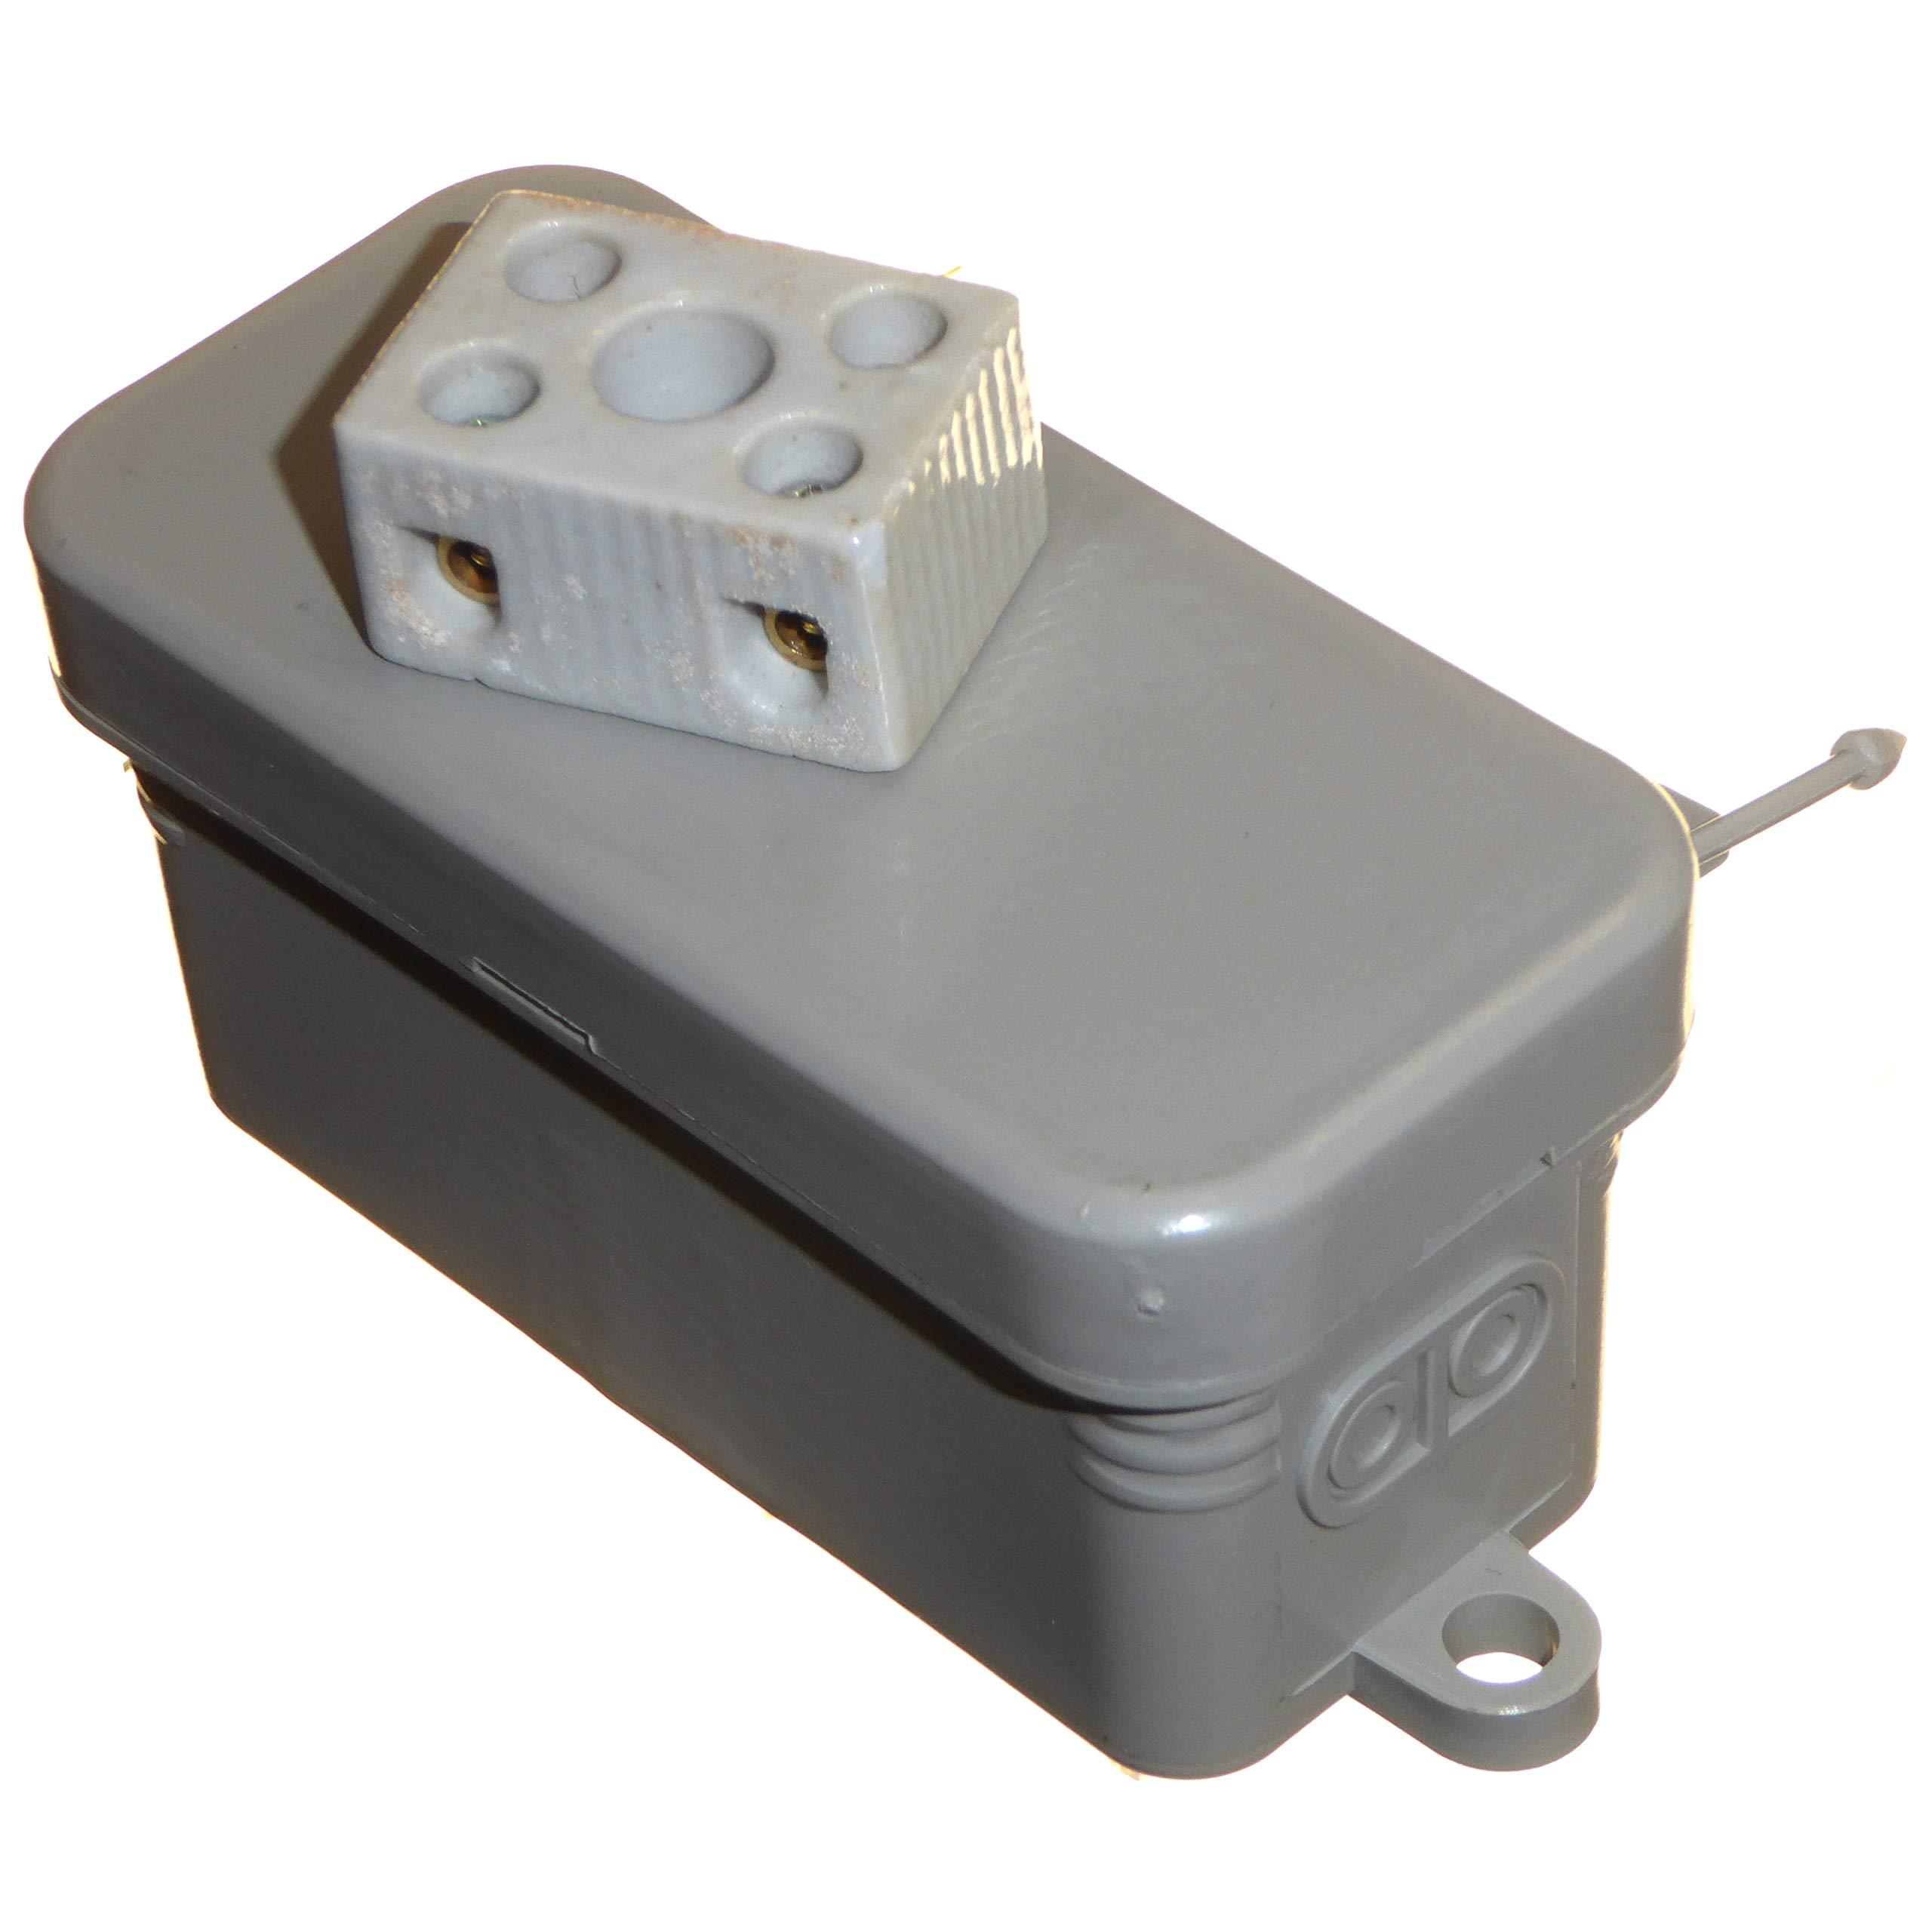 Caja de conexiones eléctrica termoplástica pequeña con conector de porcelana, ideal para conexiones de cableado de calefacción IP44, para interiores o exteriores, 5 unidades: Amazon.es: Bricolaje y herramientas